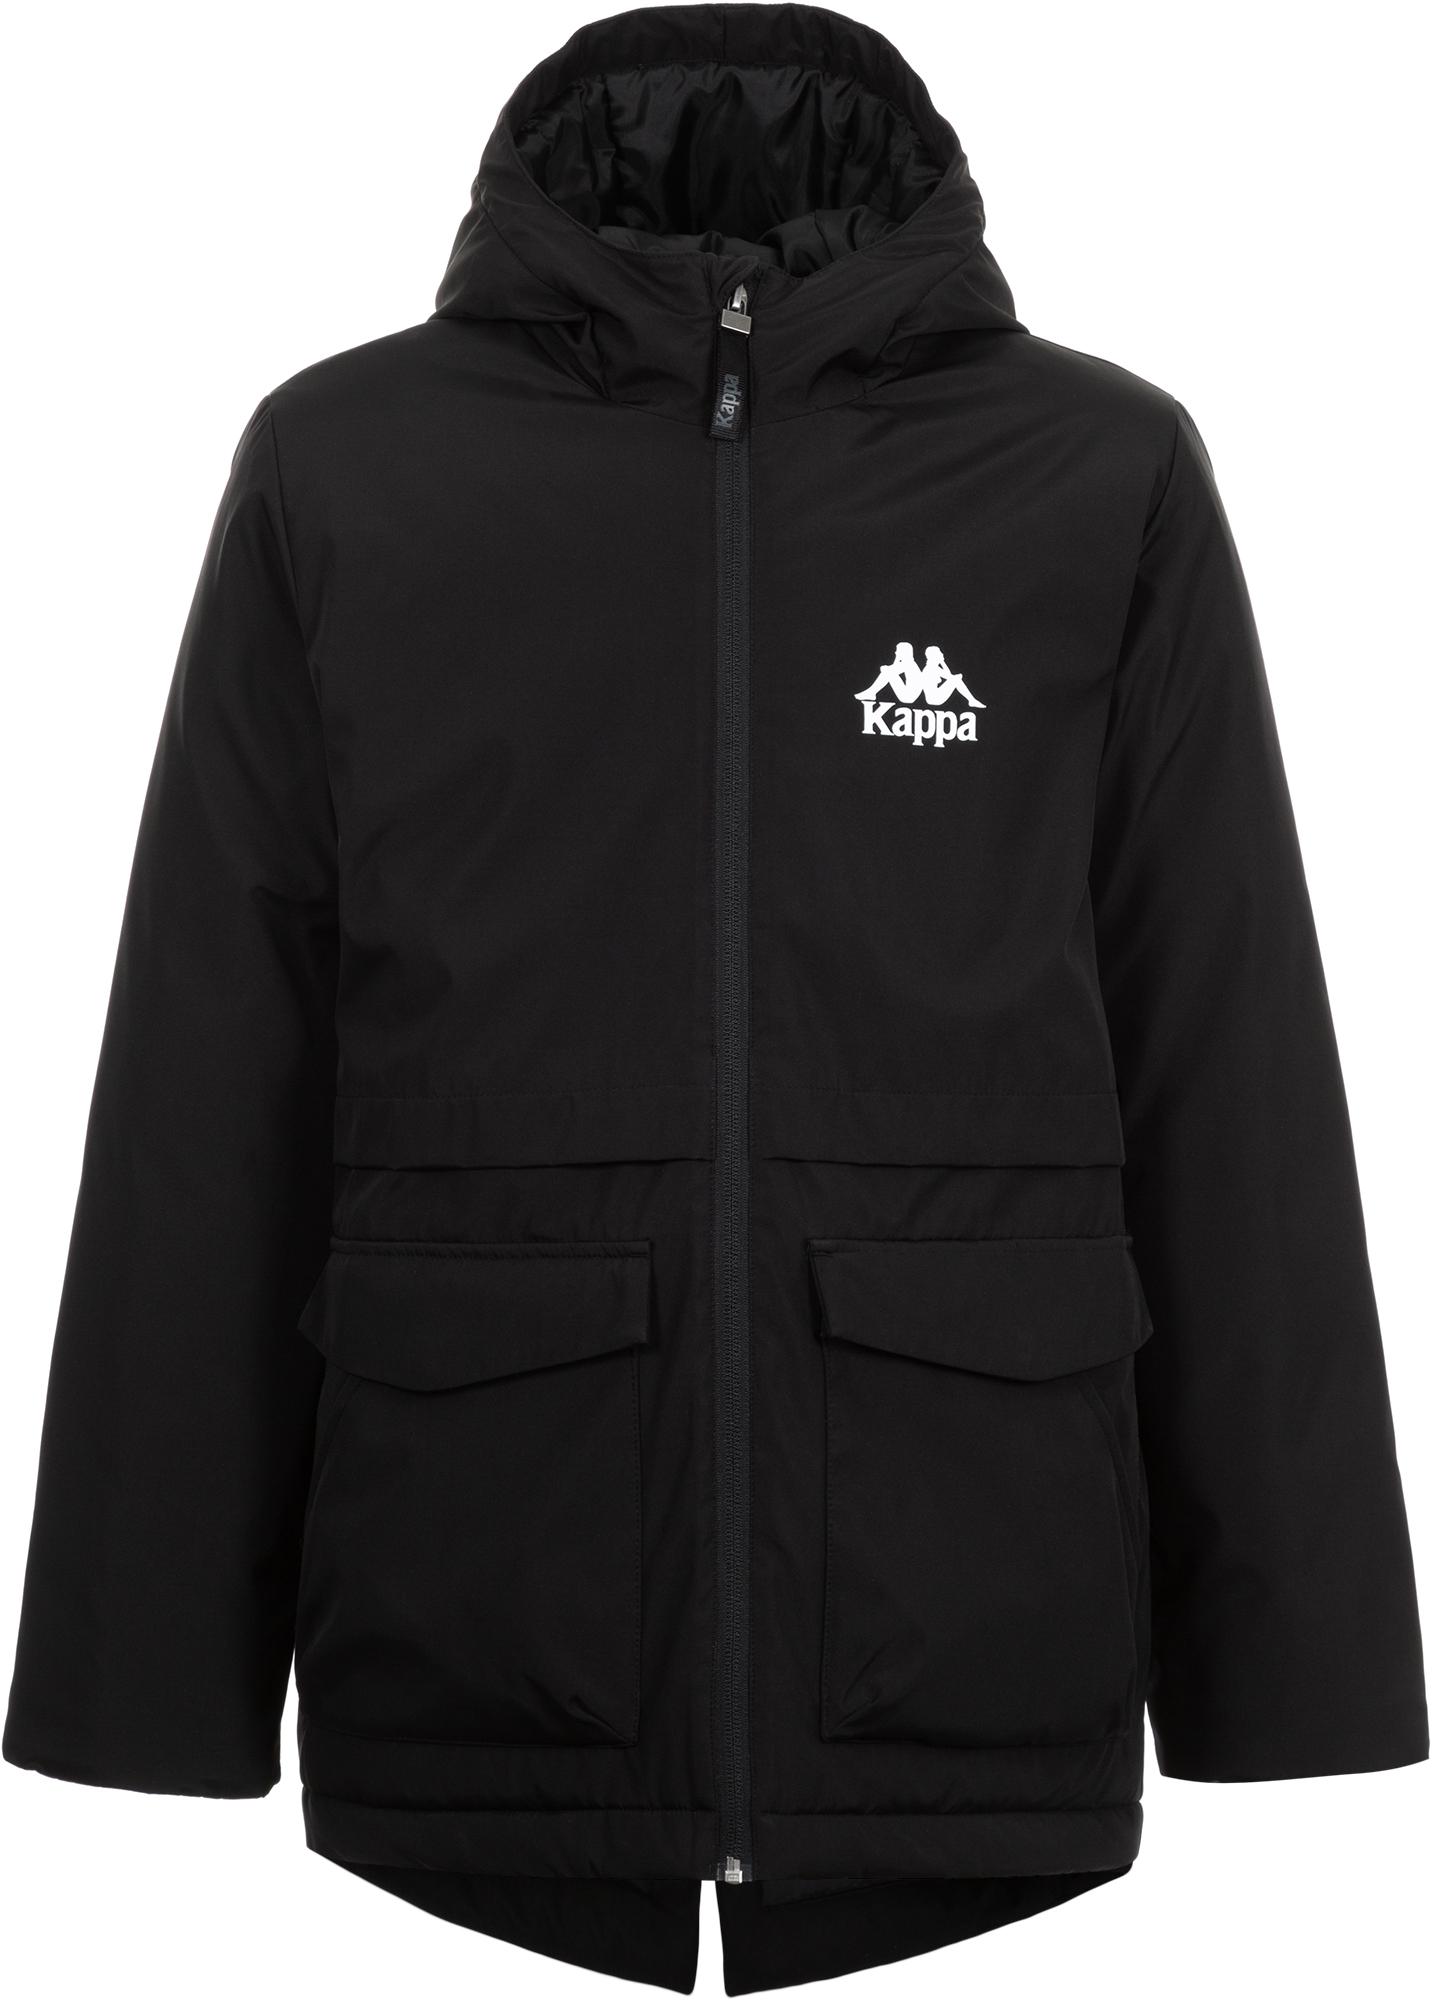 Kappa Куртка утепленная для мальчиков Kappa, размер 170 стоимость